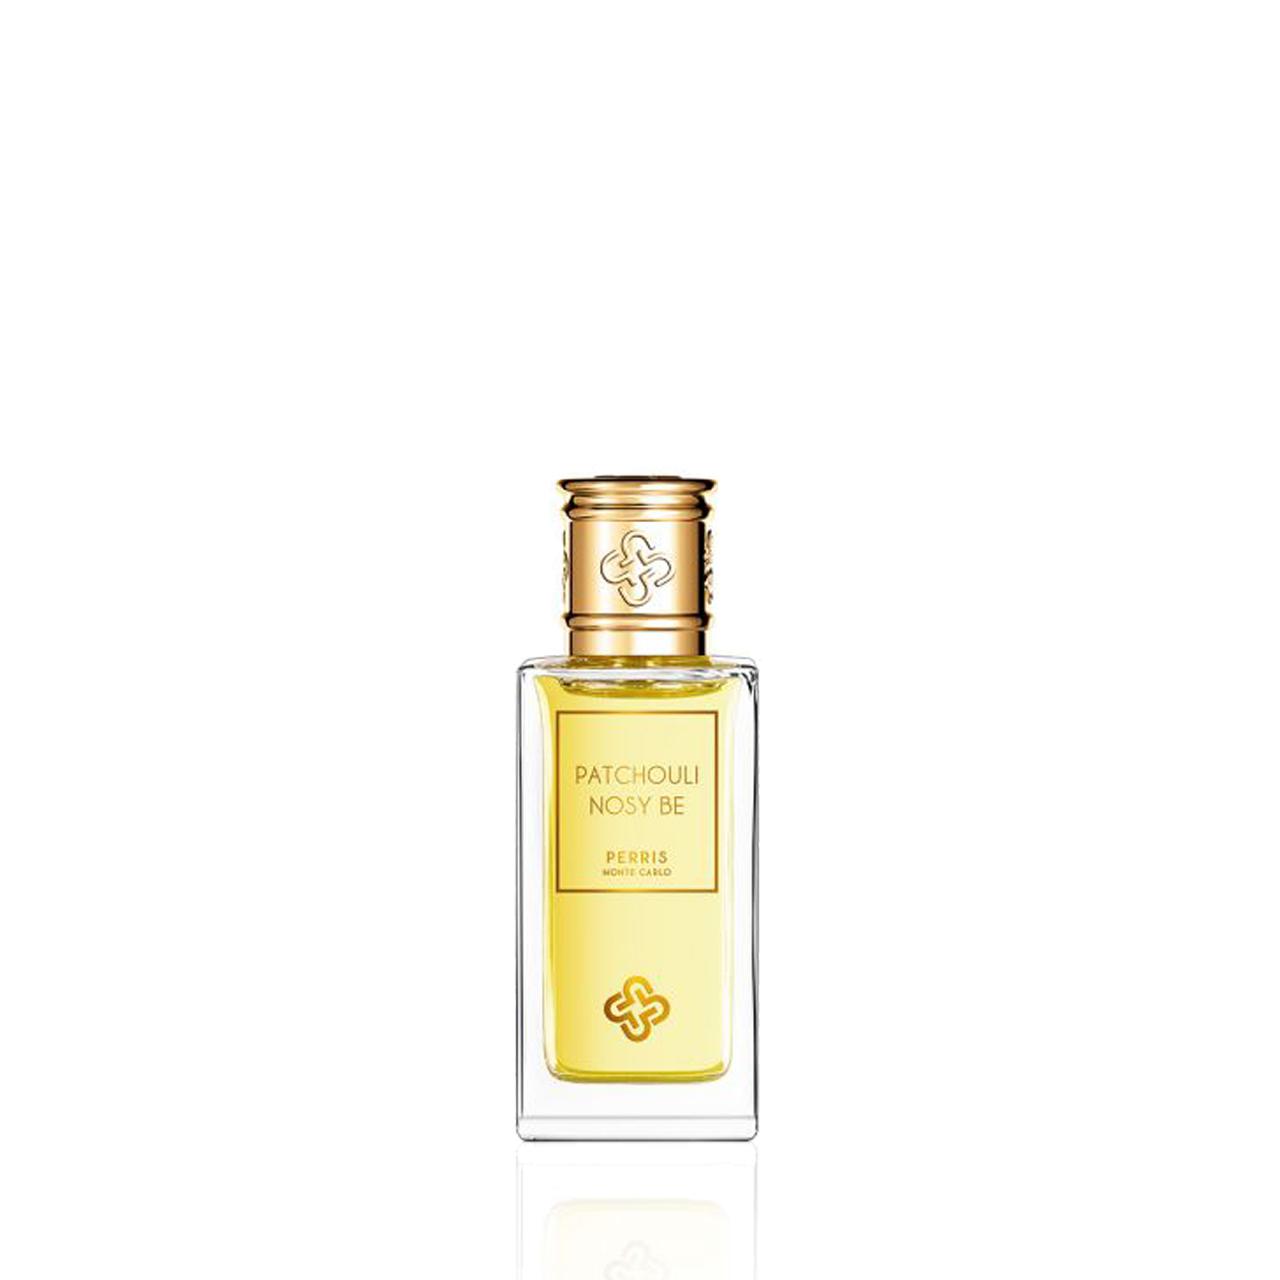 Patchouli Nosy Be - Extrait de Parfum